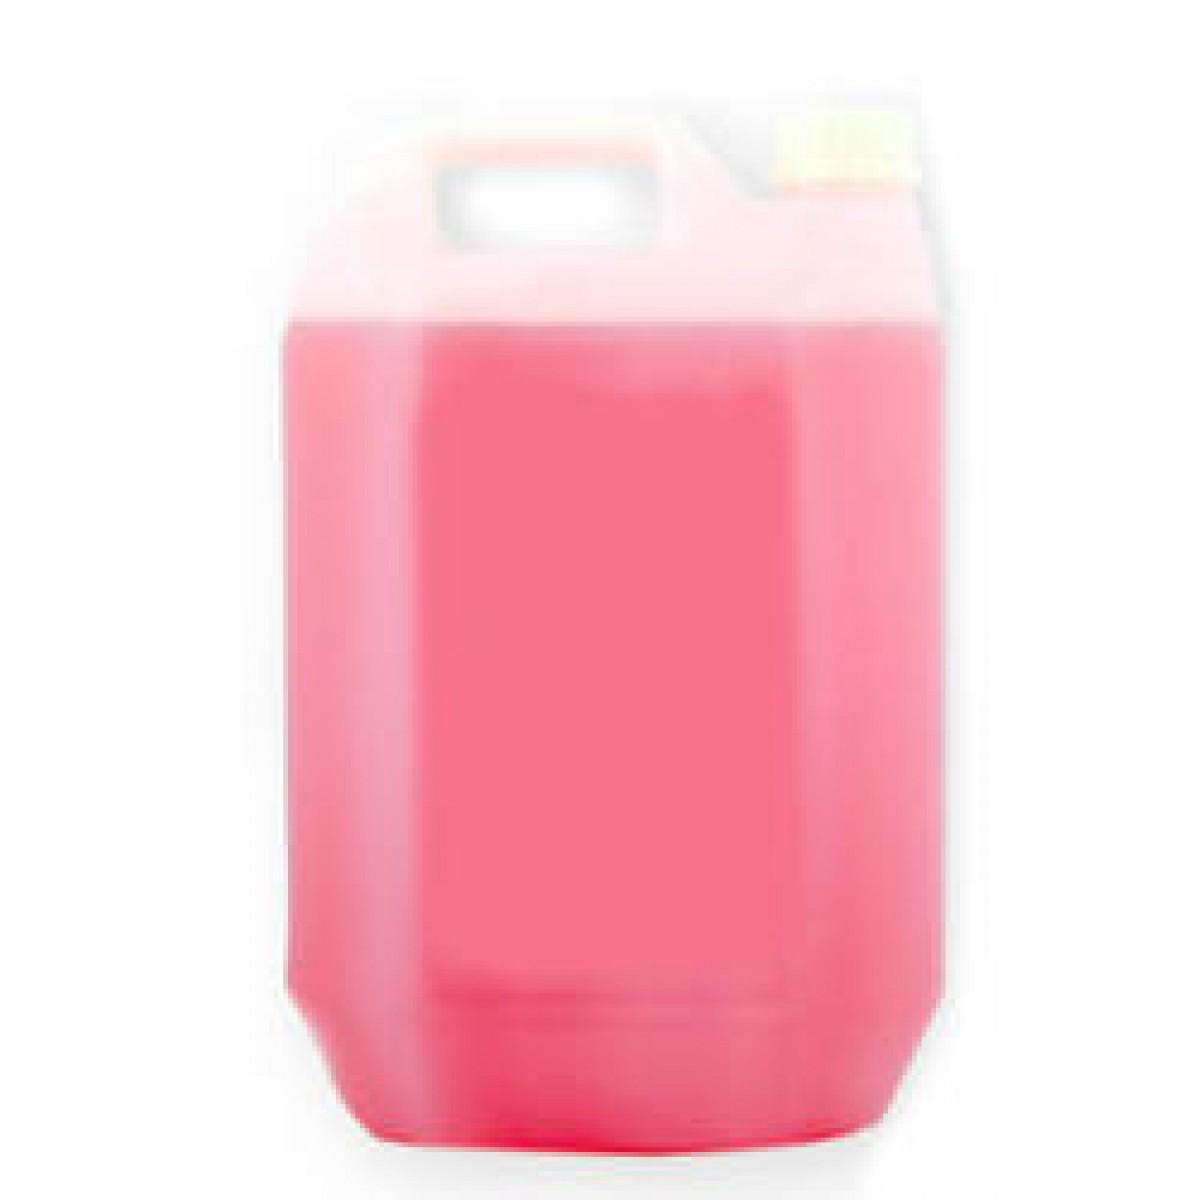 Liquid detergent image